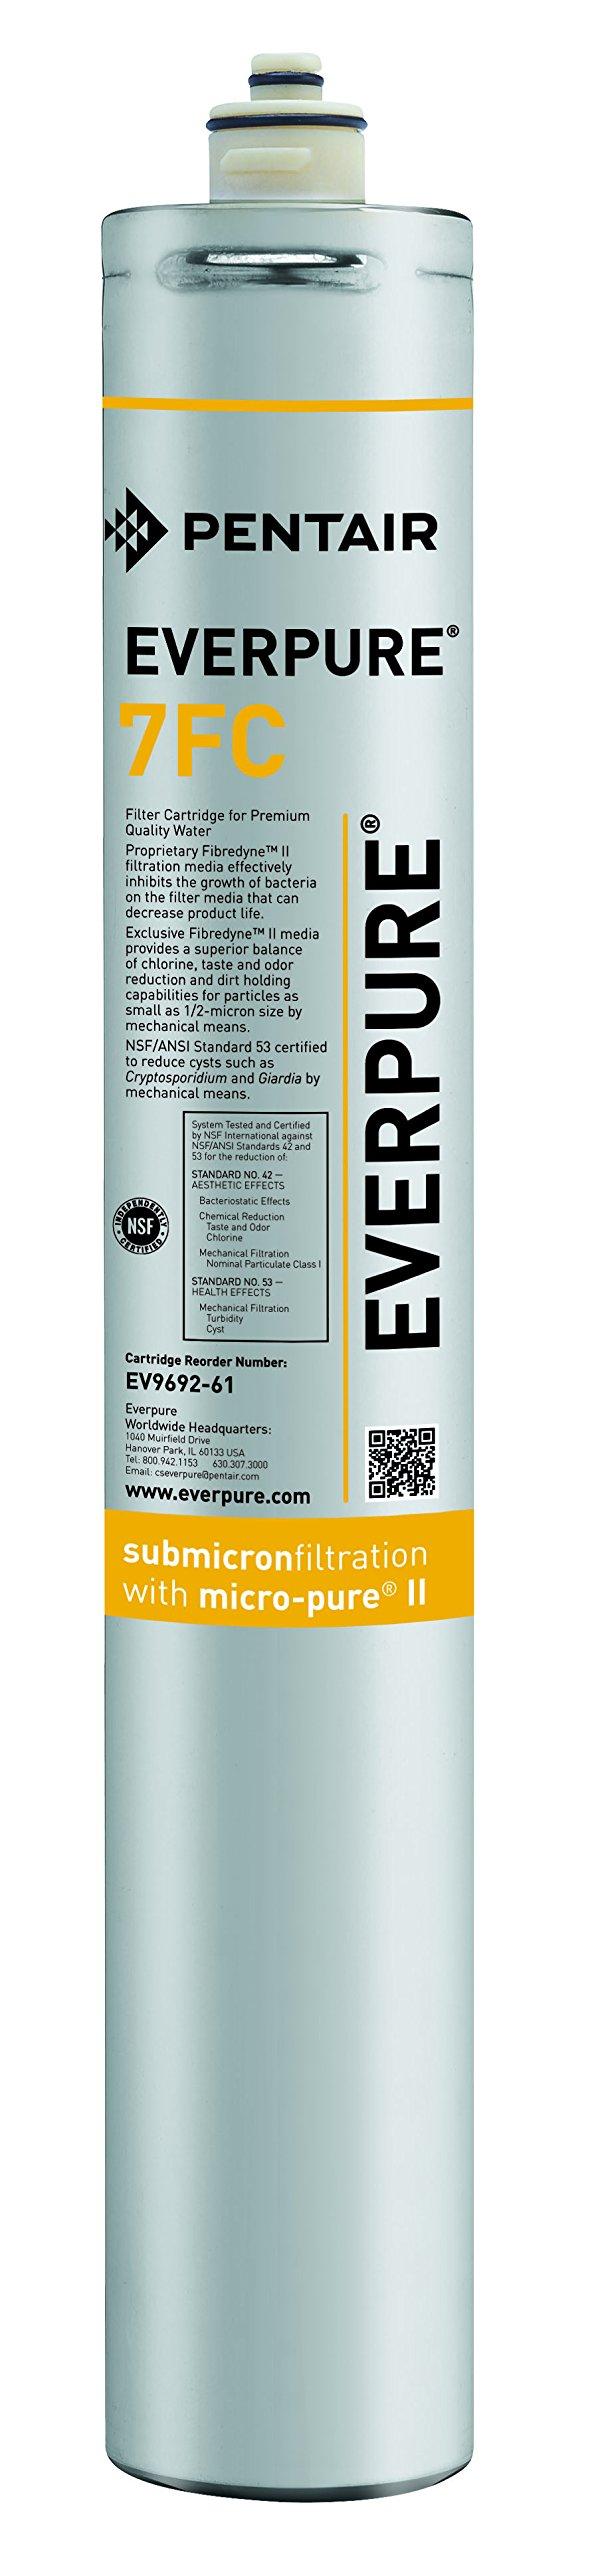 Everpure EV9692-61   7FC Filter Cartridge